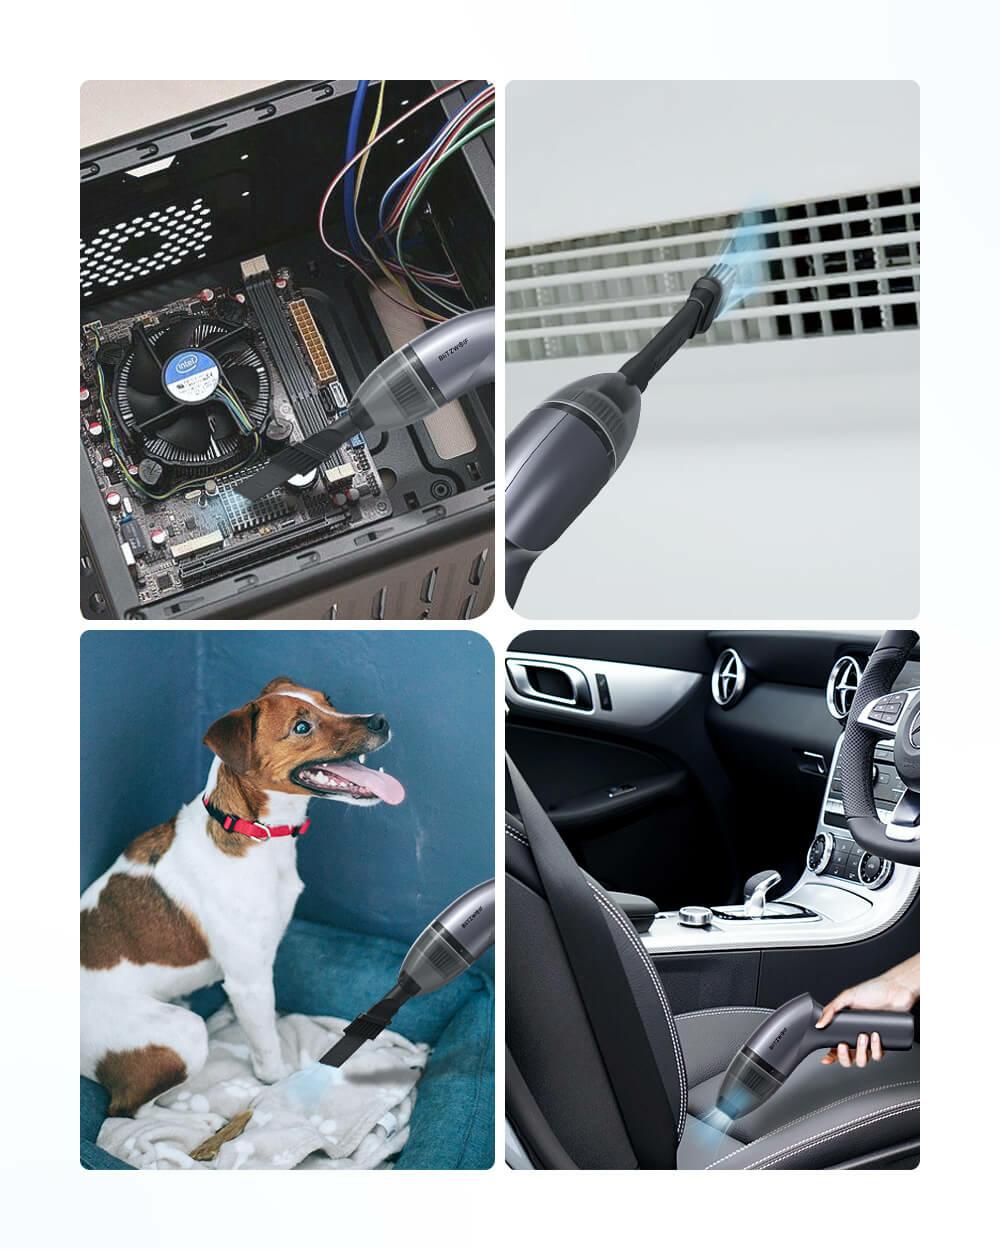 BlitzWolf® BW-AD1 mini porszívó számítógépház, klíma berendezés, autó belső és állati fekhelyek takarításához is